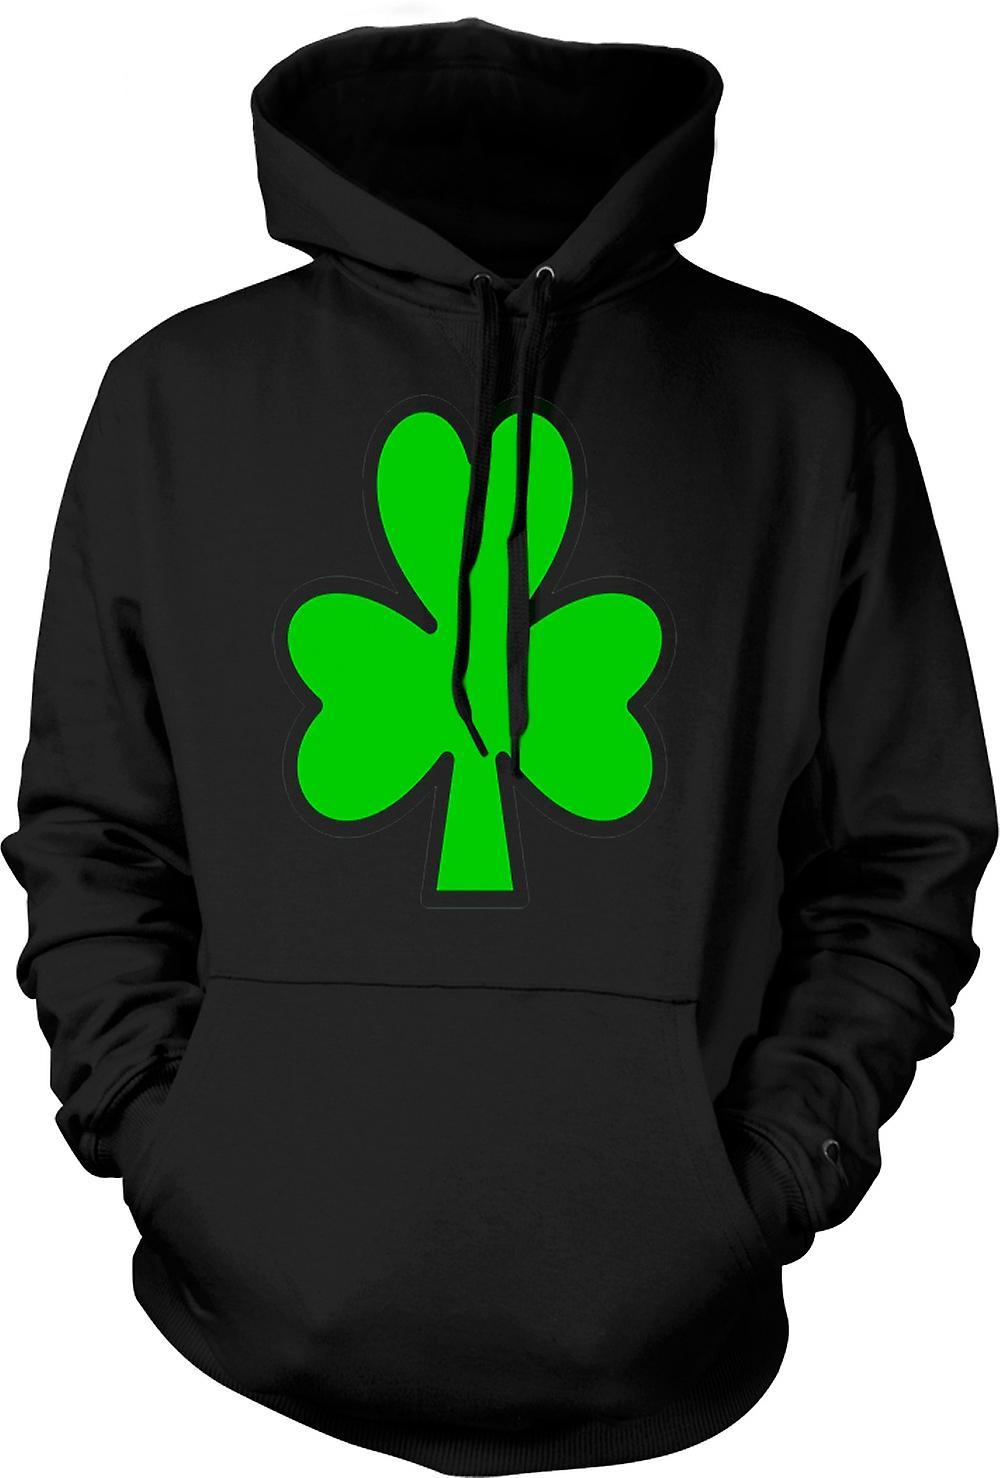 Mens Hoodie - Irish Shamrock - Funny